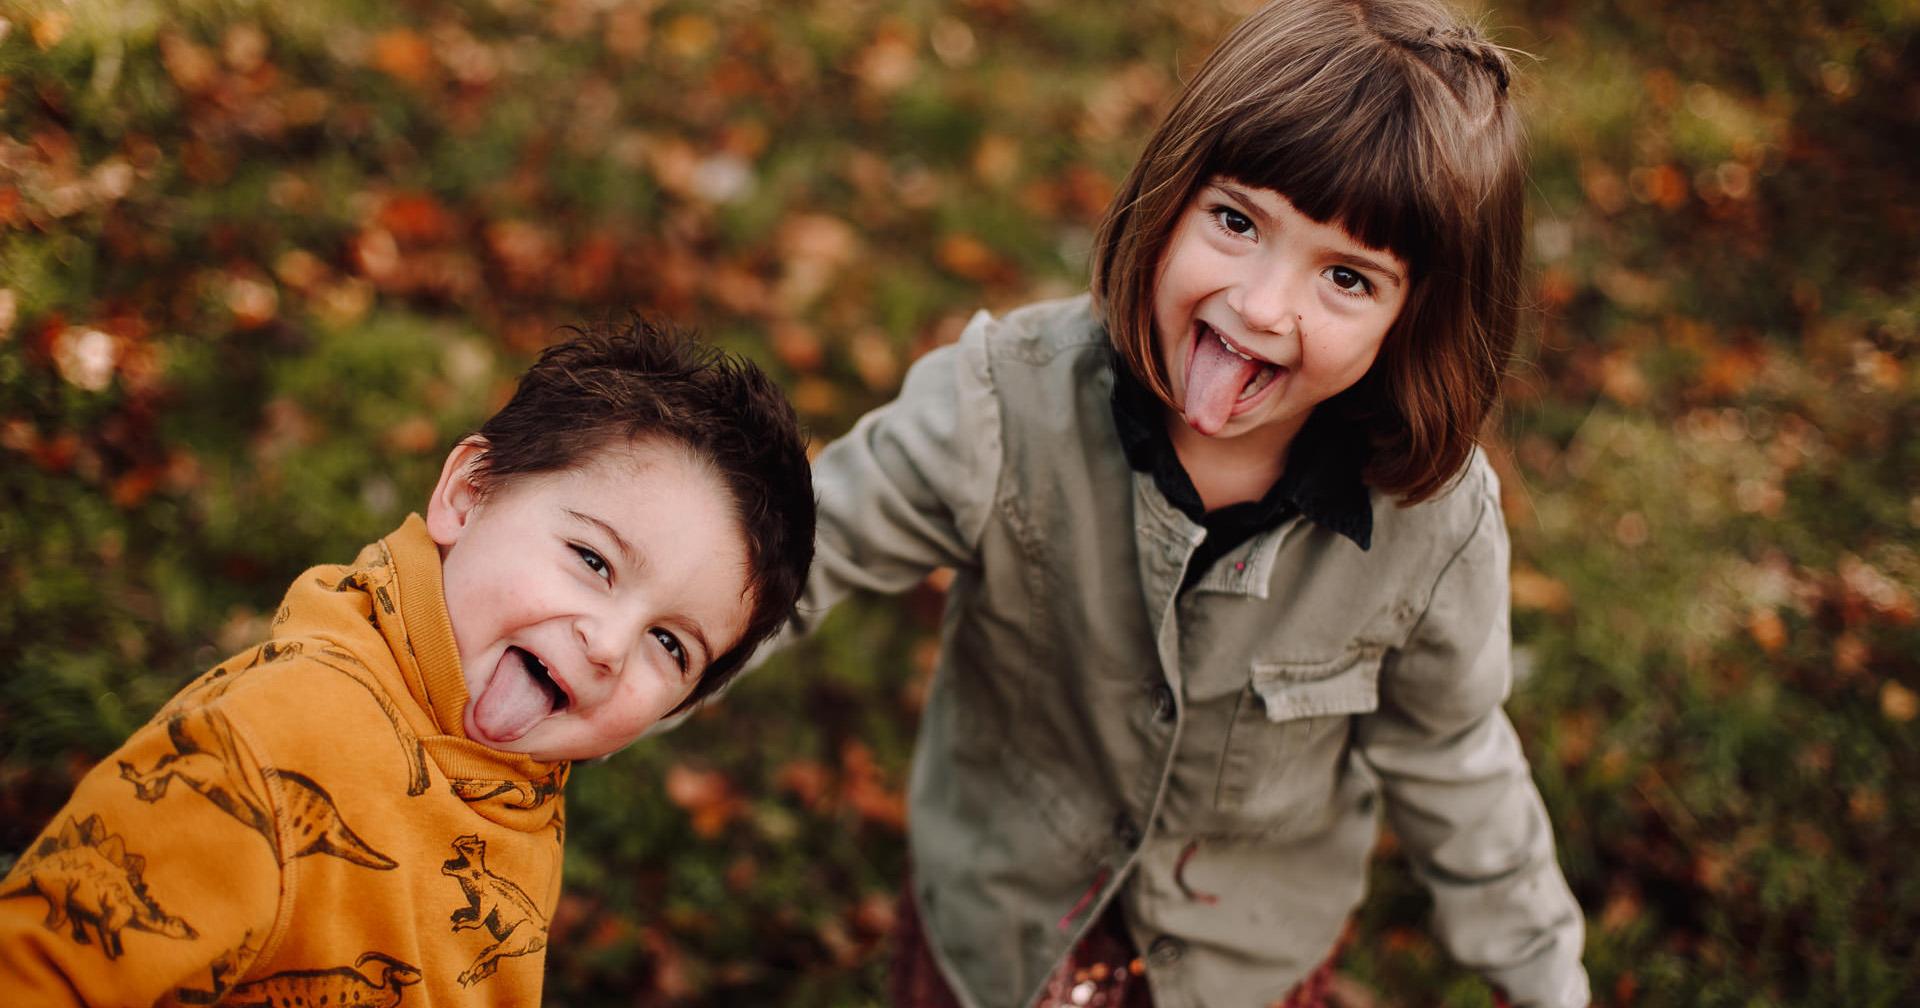 BERA Y MAEL | FOTOS DE FAMILIA AL AIRE LIBRE